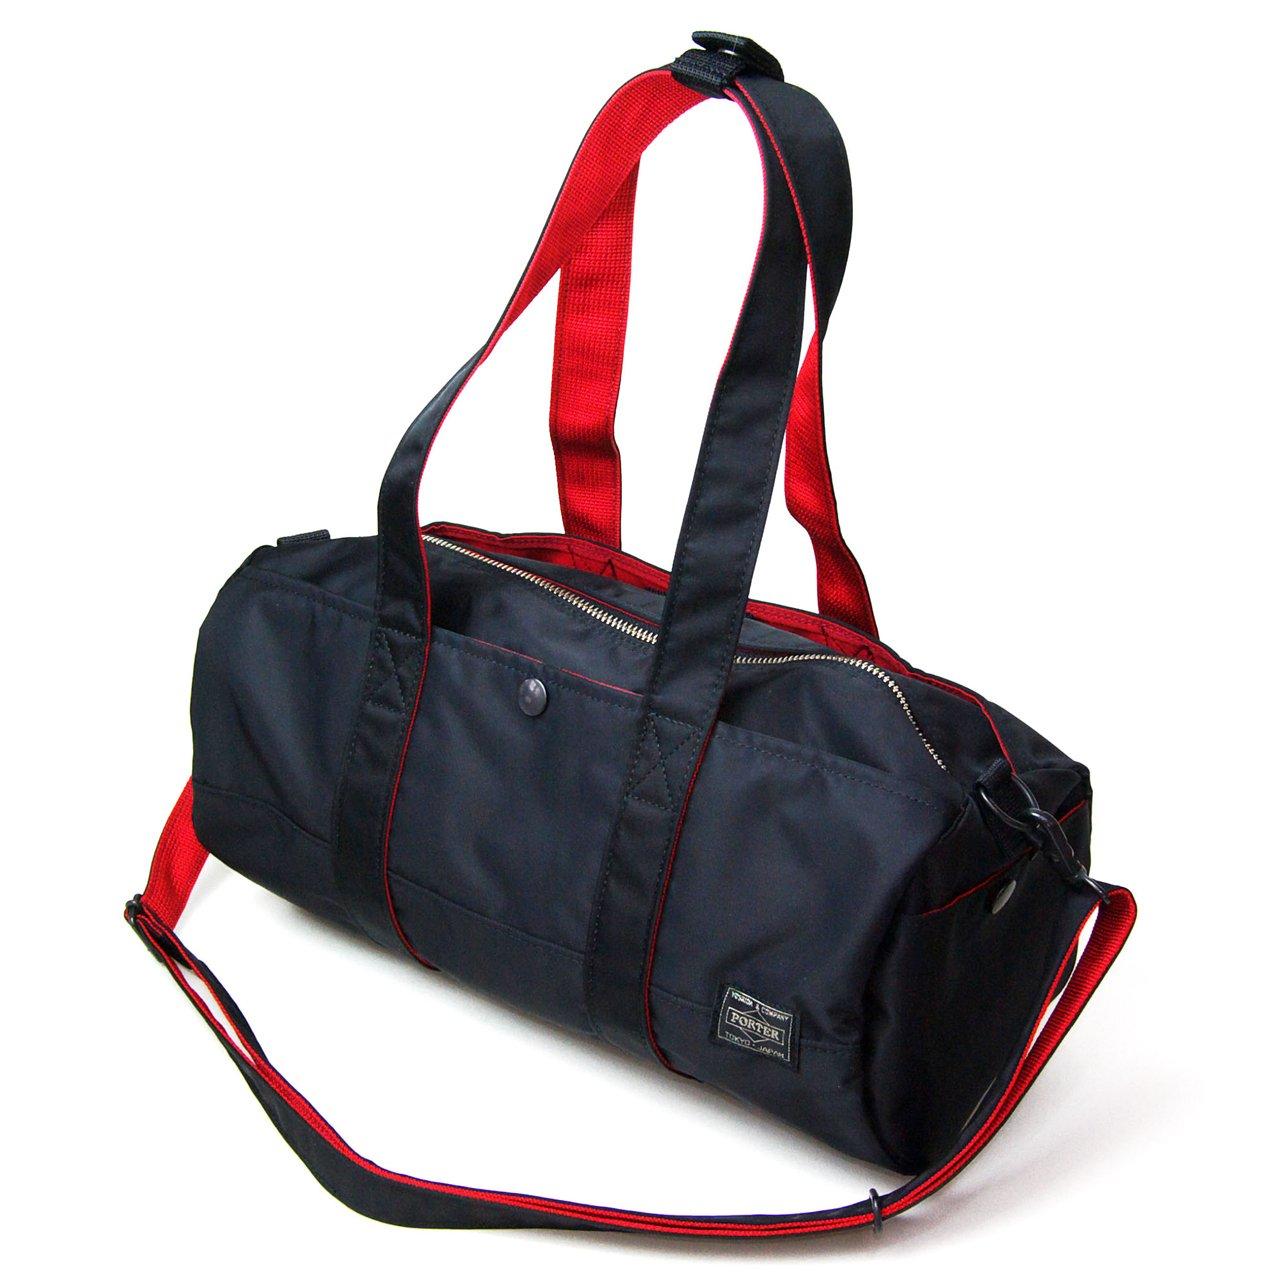 ポーター エルファイン 【PORTER L-fine】 PORTER×ILS共同企画 ロールボストンバッグ Roll Boston Bag 【LYD383-06697】 ブラック 裏地=レッド Black Backing=Red B00GNVT0XI